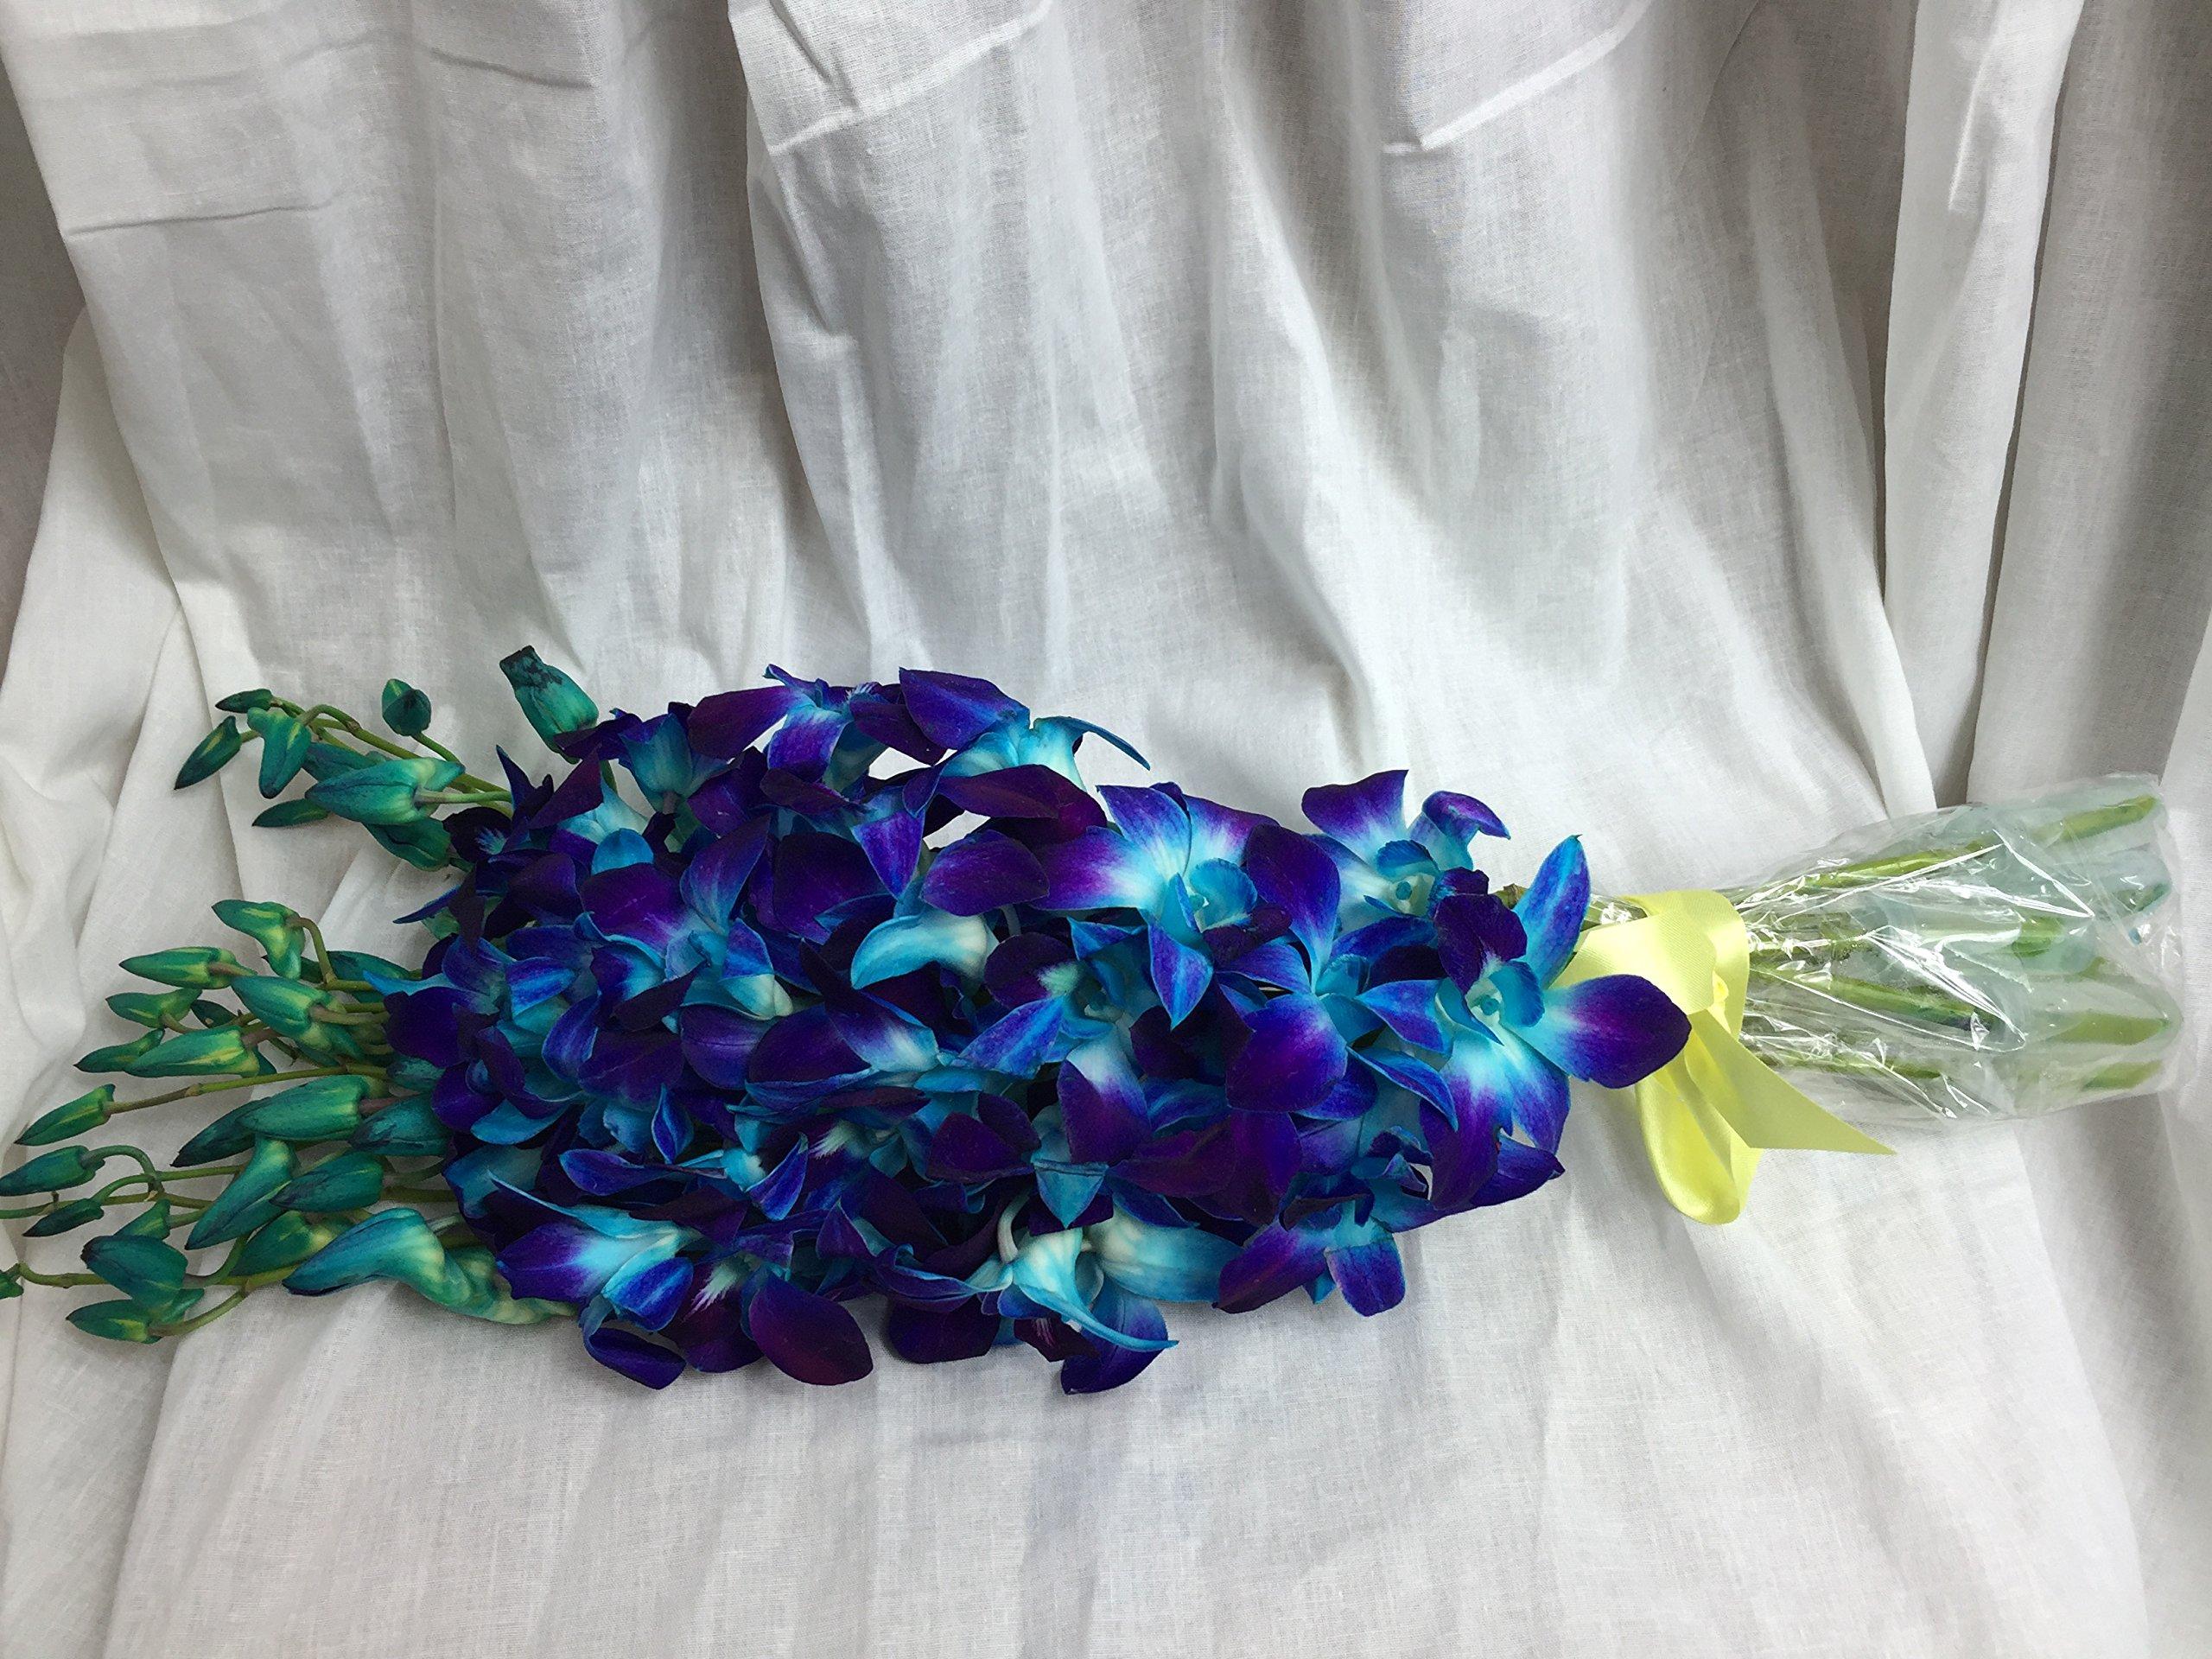 Premium Cut Blue Orchids (10 Stems Orchid) by eflowerwholesale (Image #3)